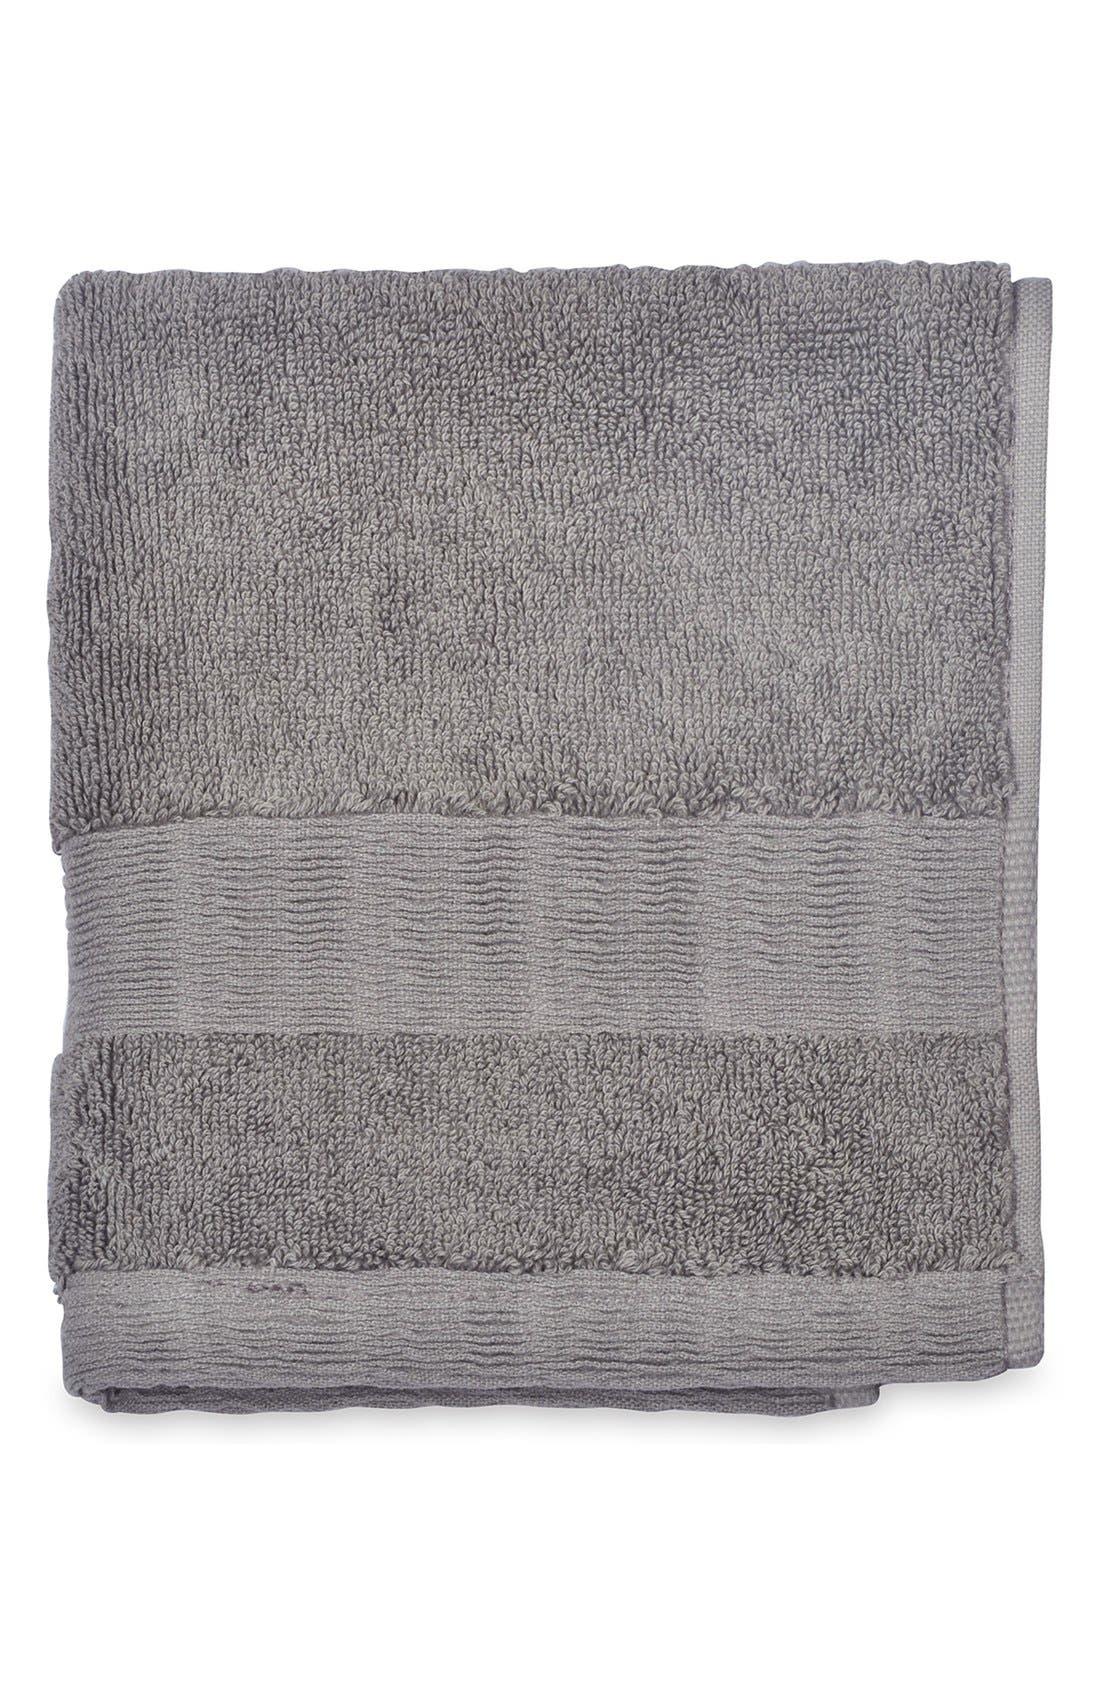 Mercer Wash Towel,                             Main thumbnail 1, color,                             Grey